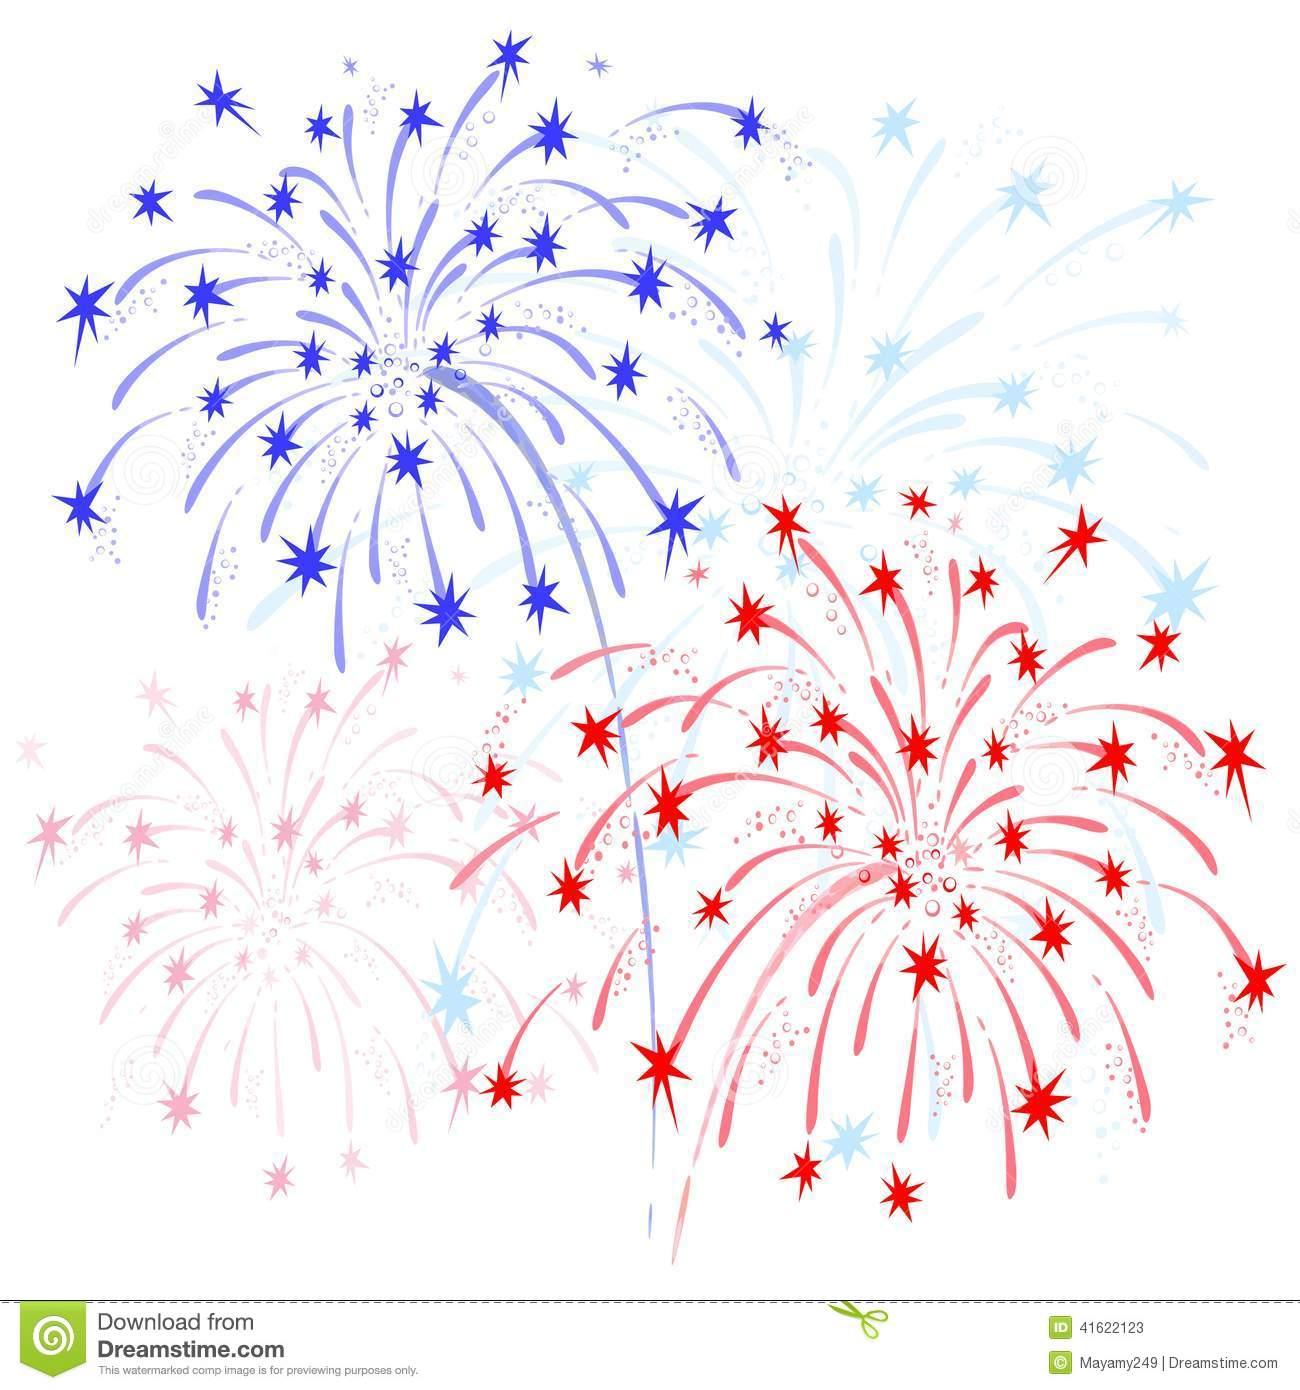 Fireworks jpg clipart 3 » Clipart Station.